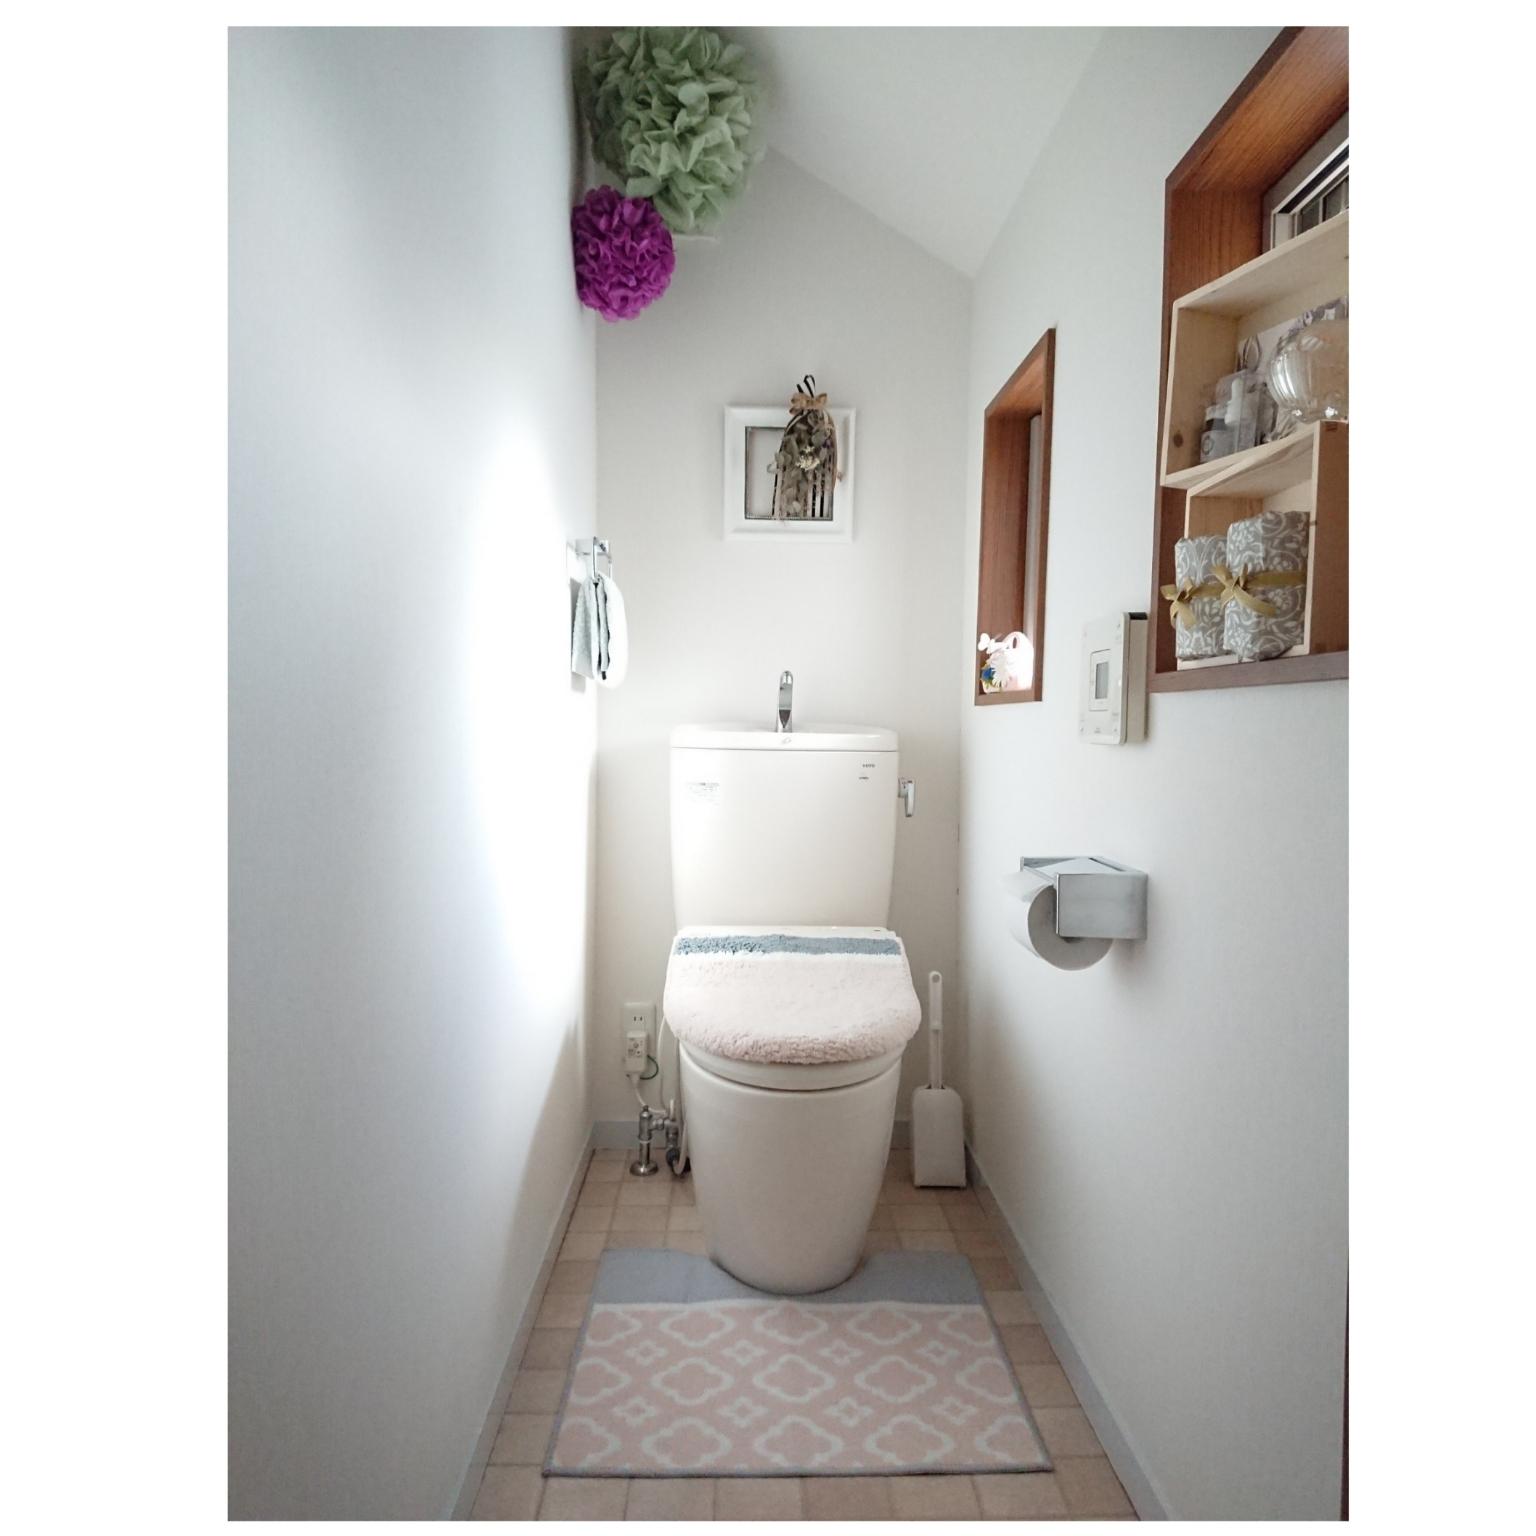 Dcmのトイレファブリックでトイレの幸せ度が上がる みんなのトイレの色を見てみよう コラムカテゴリー インテリア コラム くらしメイド Dcmホールディングス